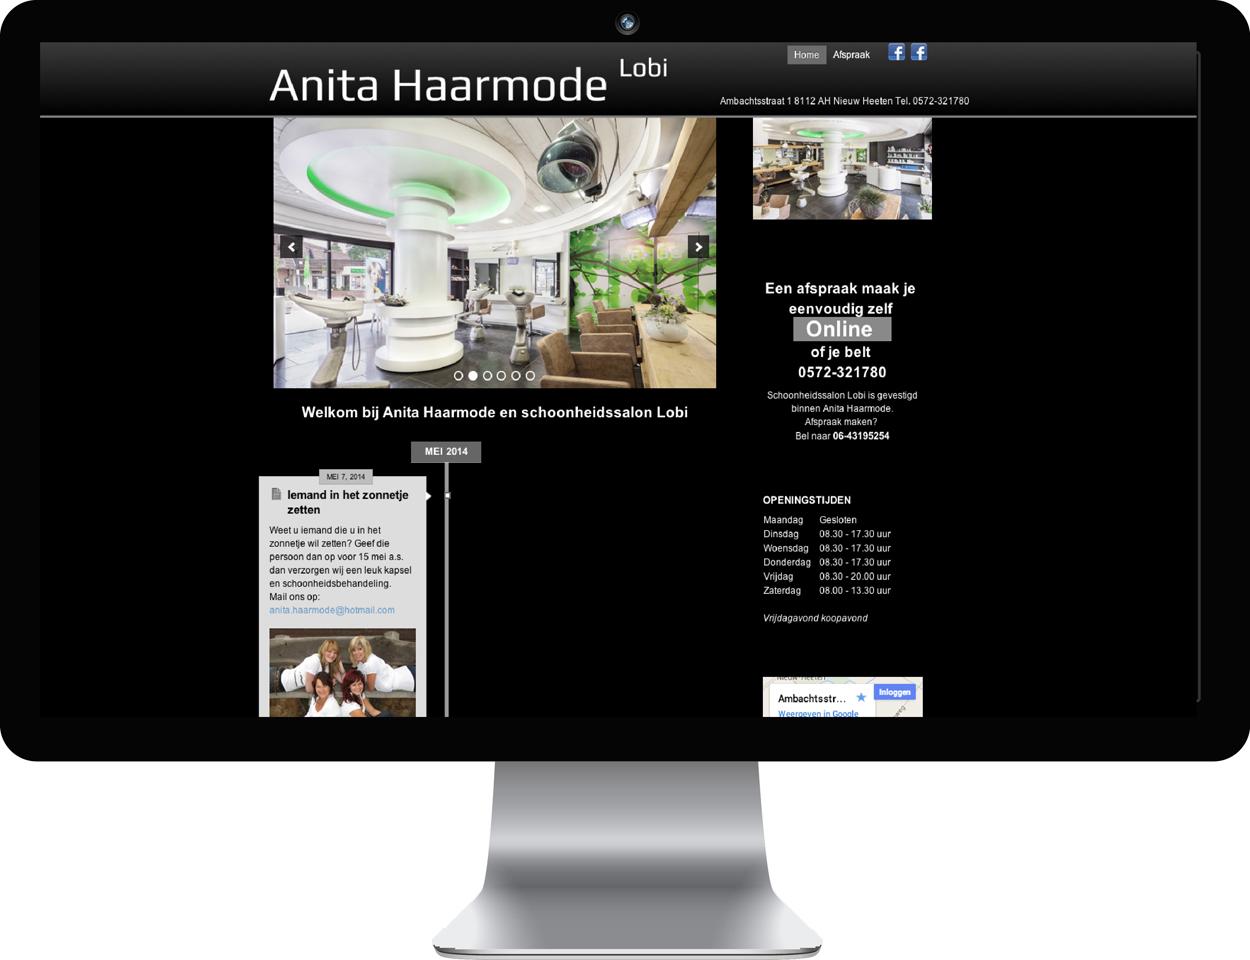 Website Anita Haarmode Nieuw Heeten